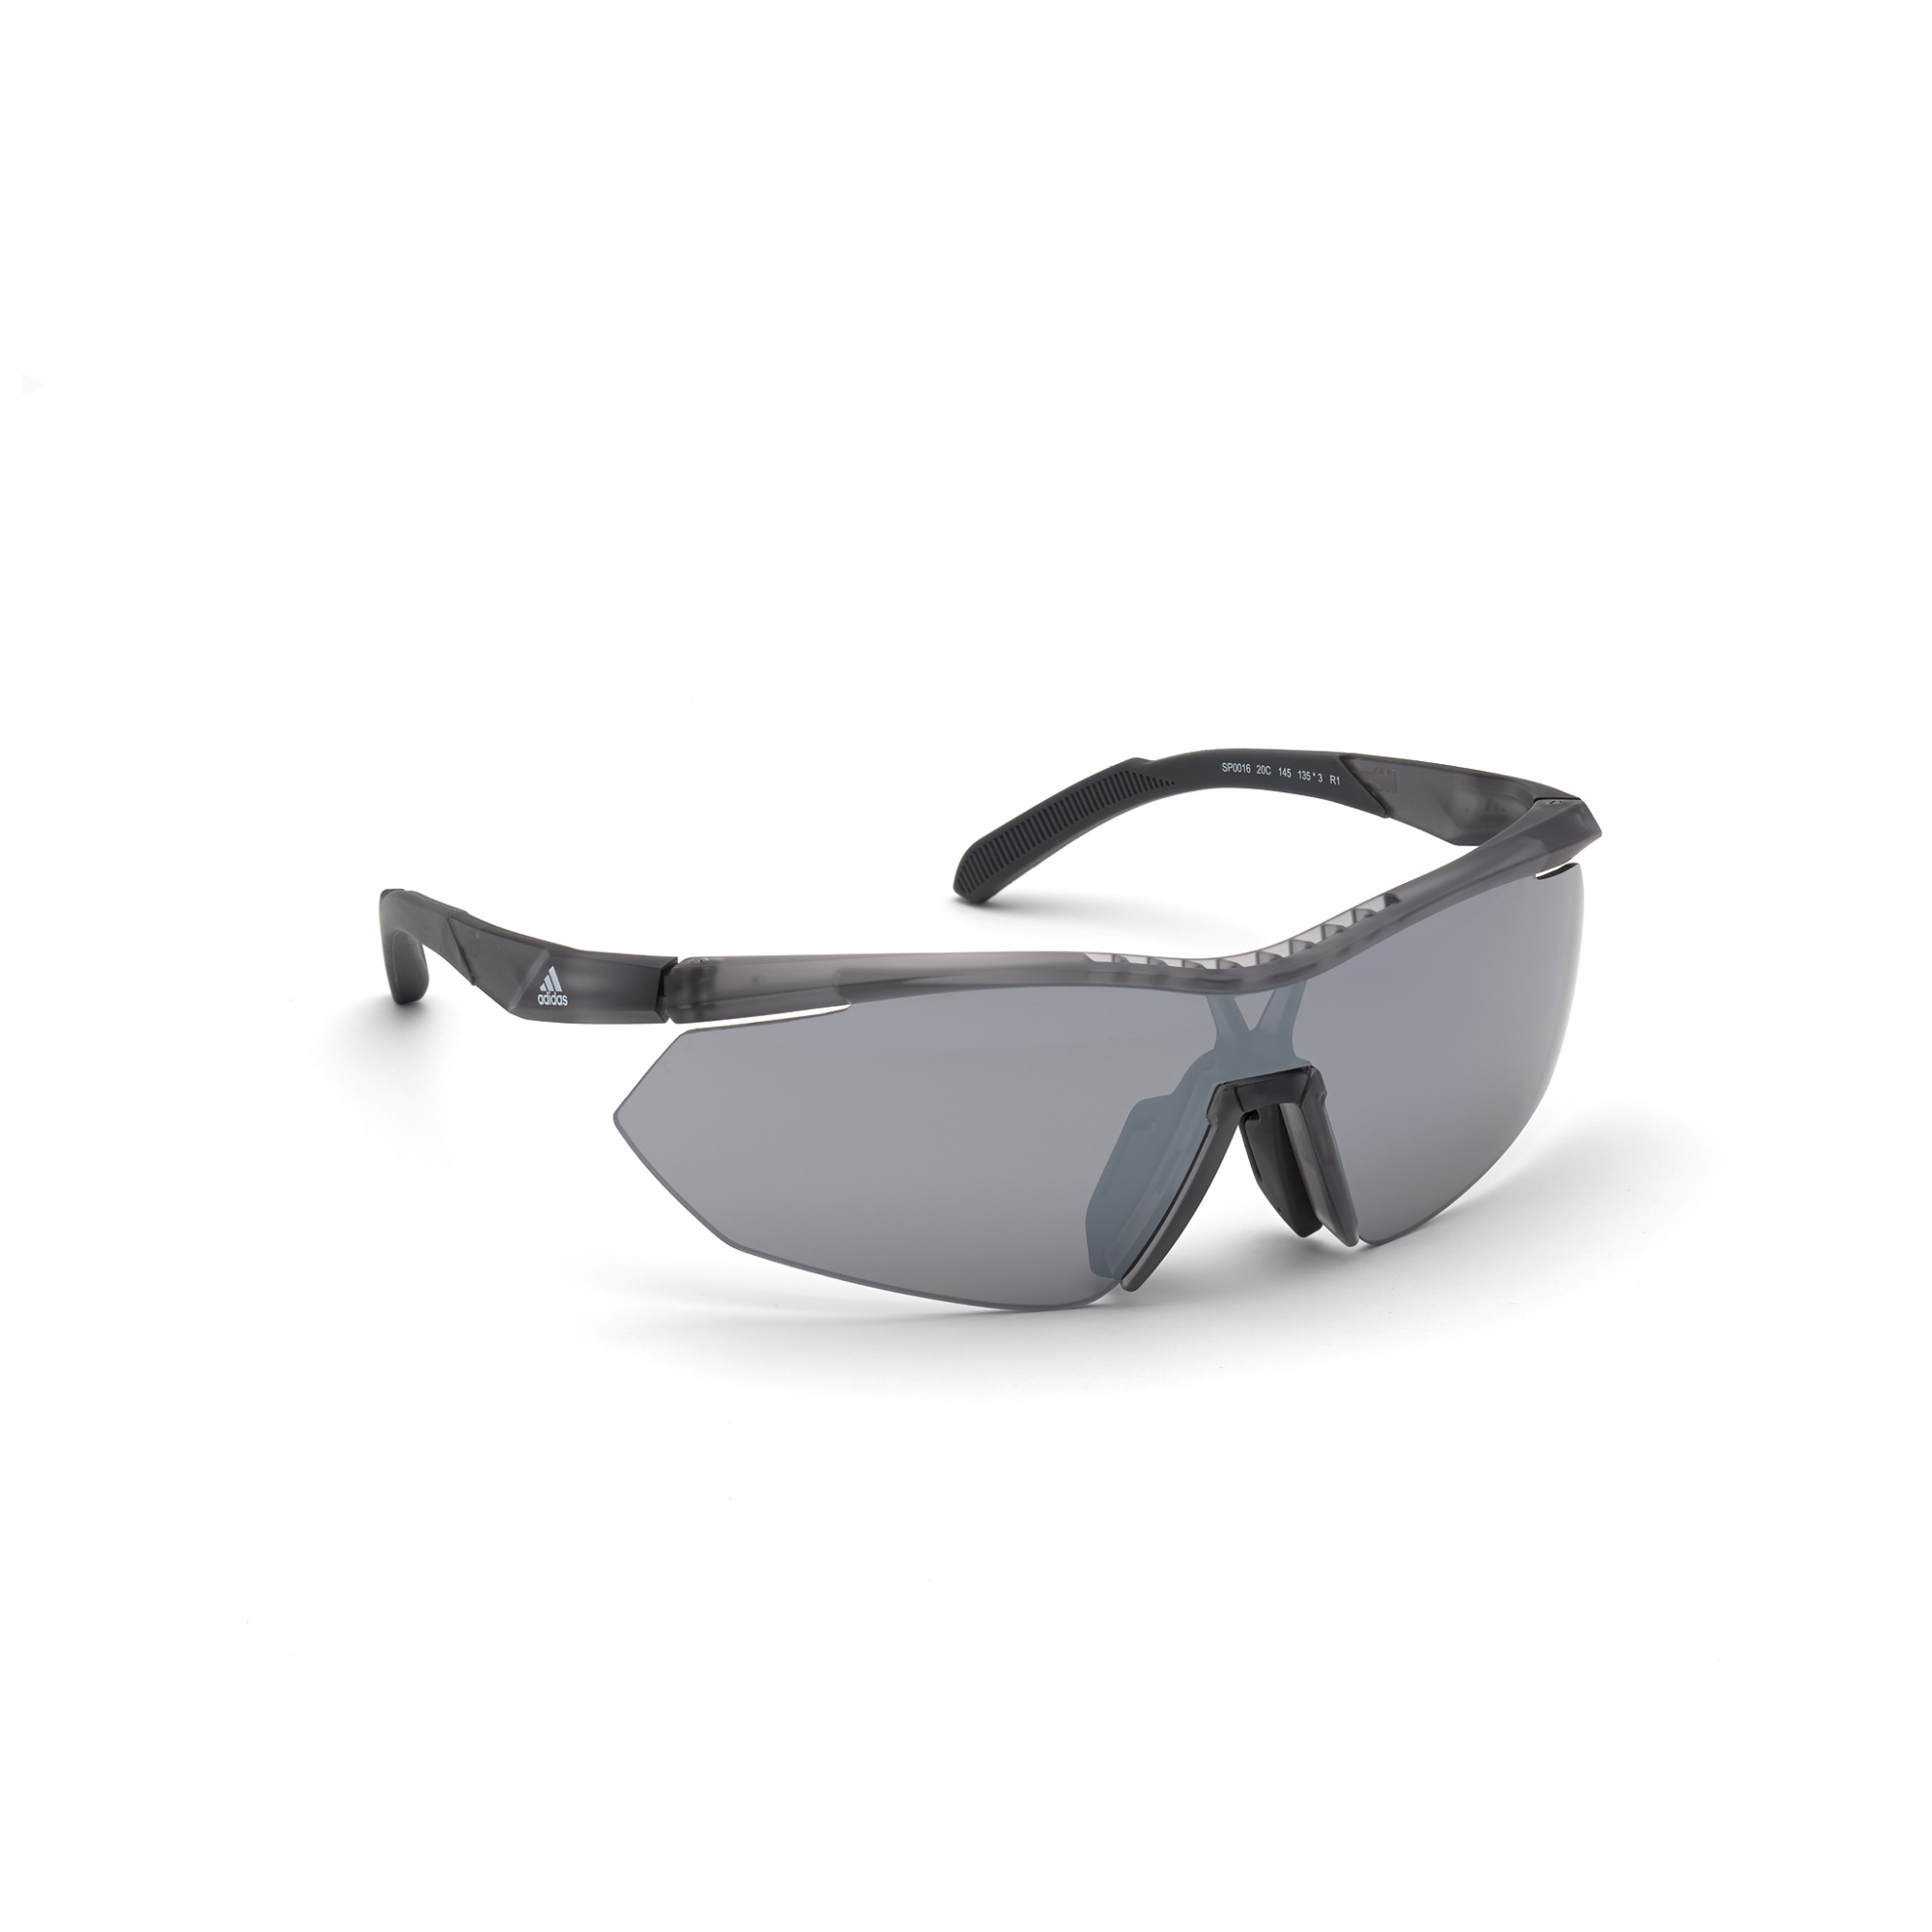 Adidas SP0016 20C 00